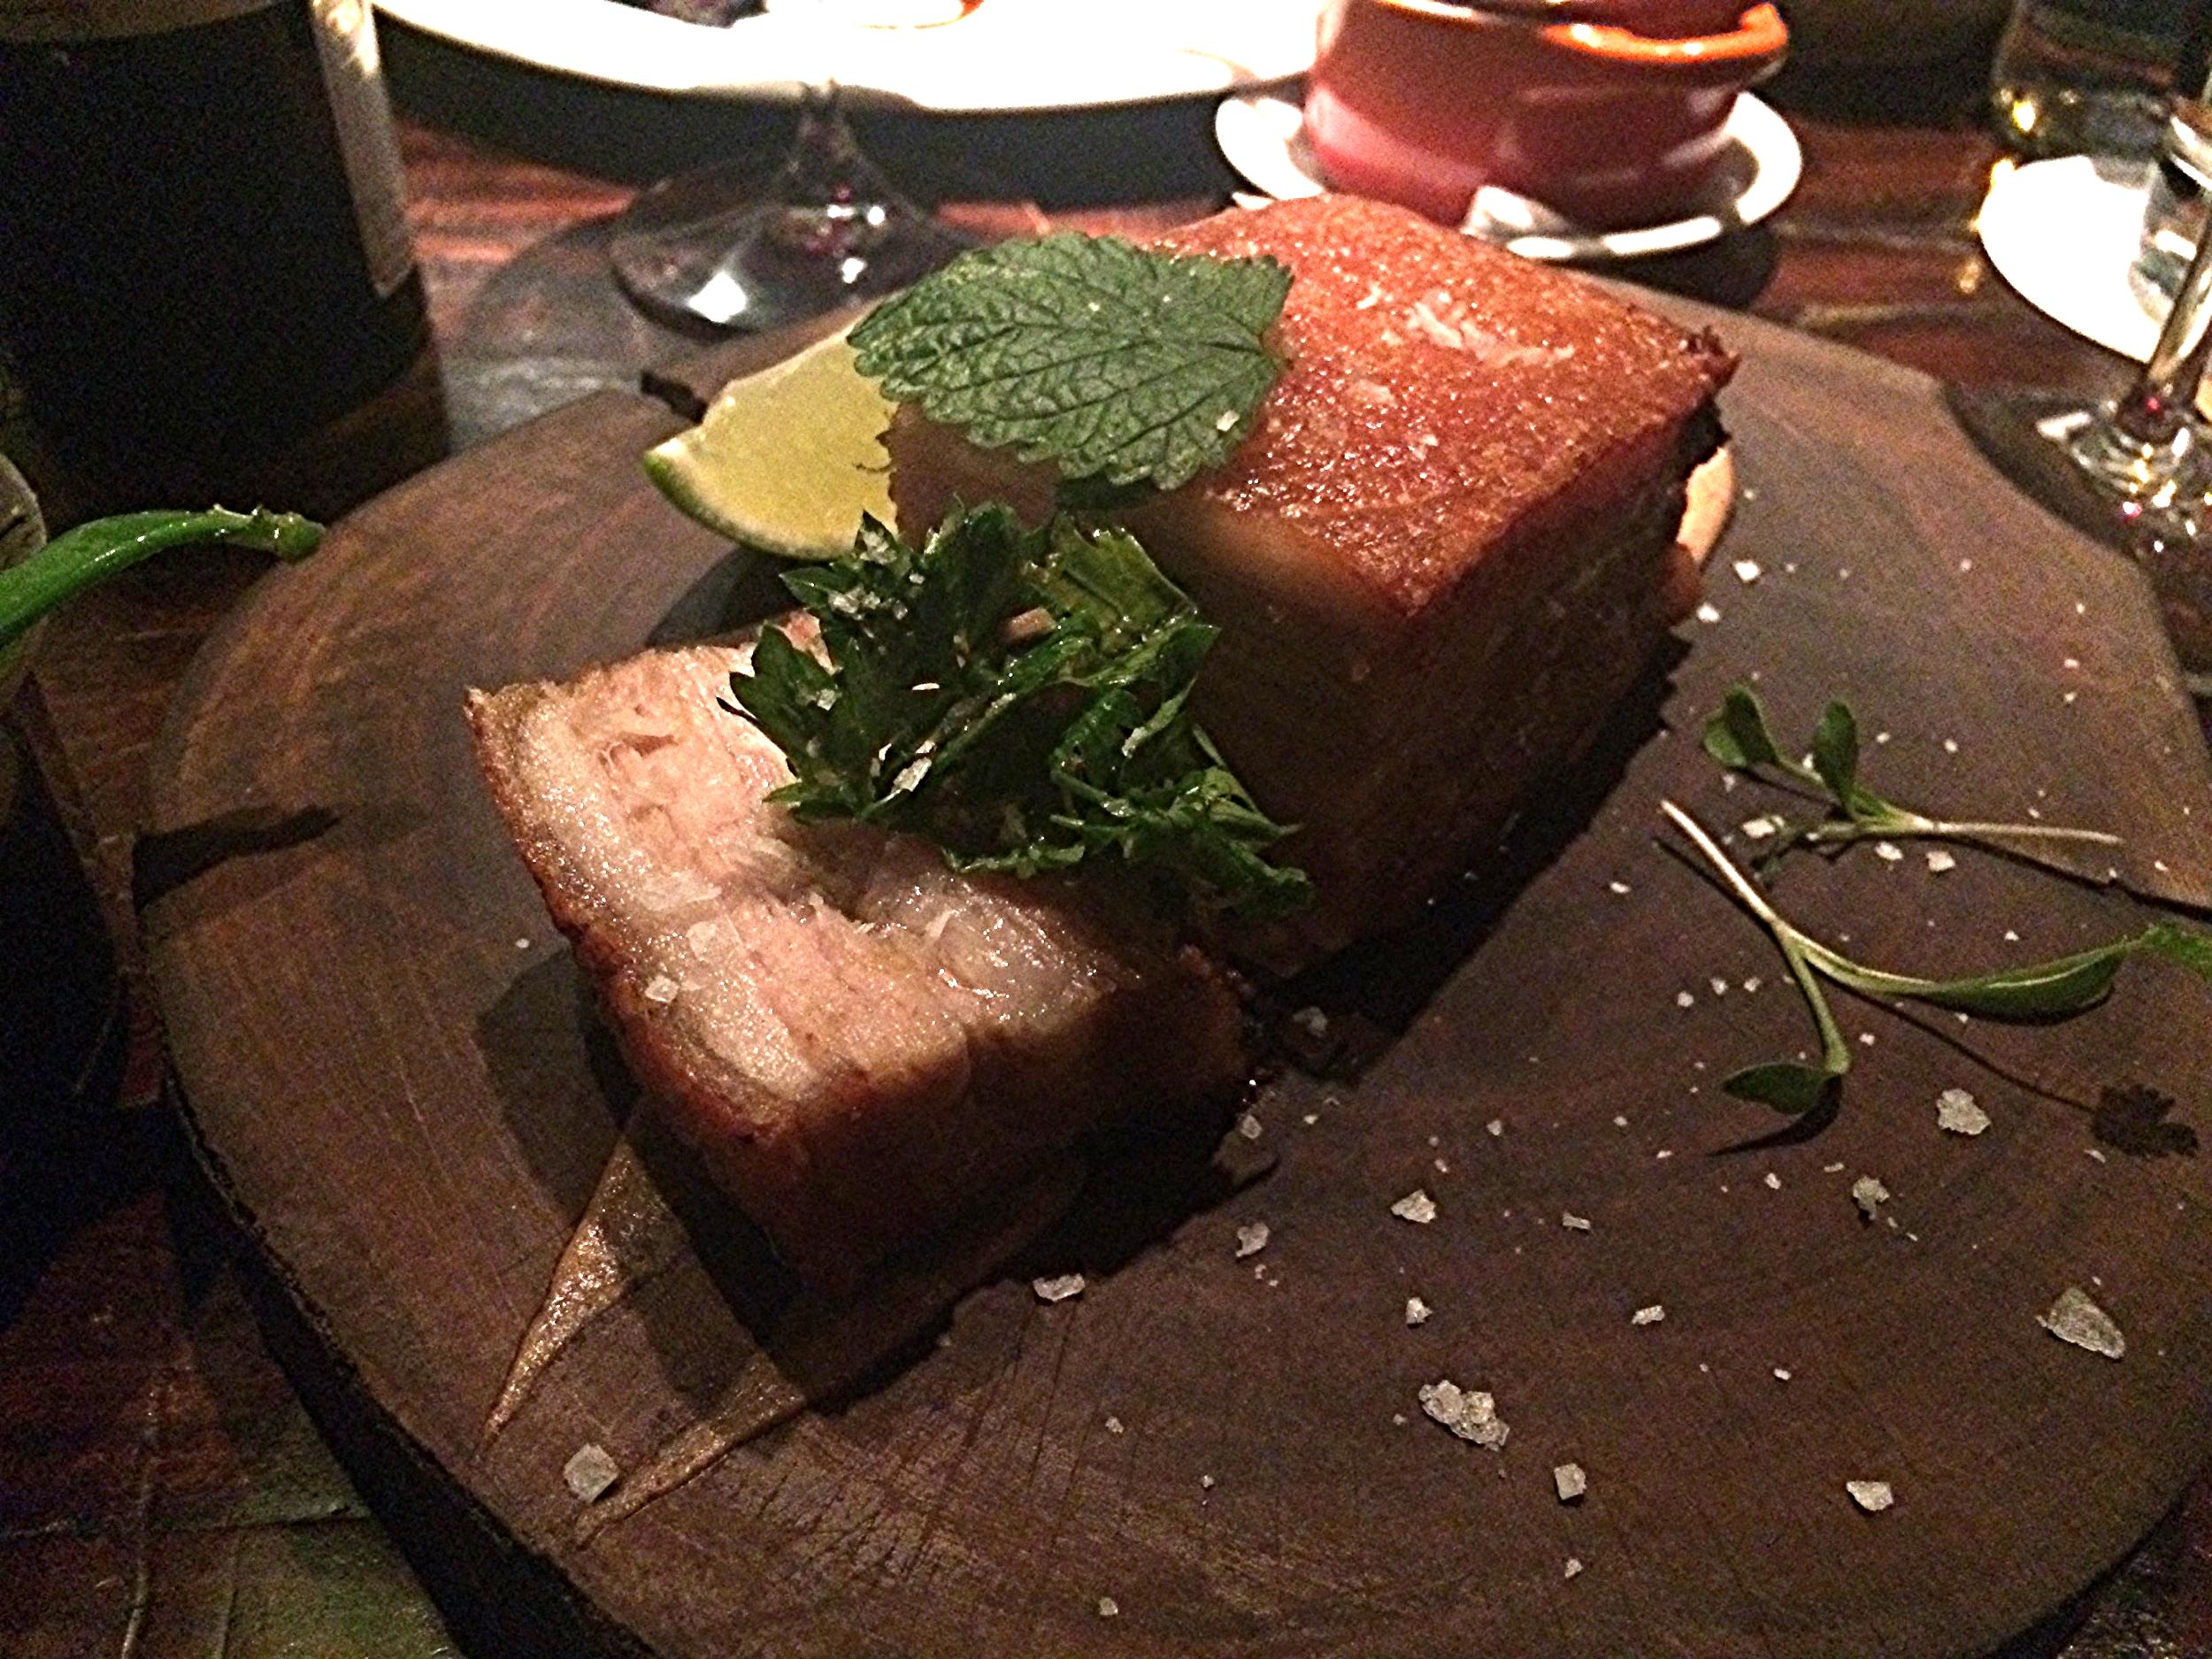 Porquinho Prensado: barriga de porco cozida a baixa temperatura, com a pele crocante. Muito gostosa também, num tamanho pra lá de generoso!